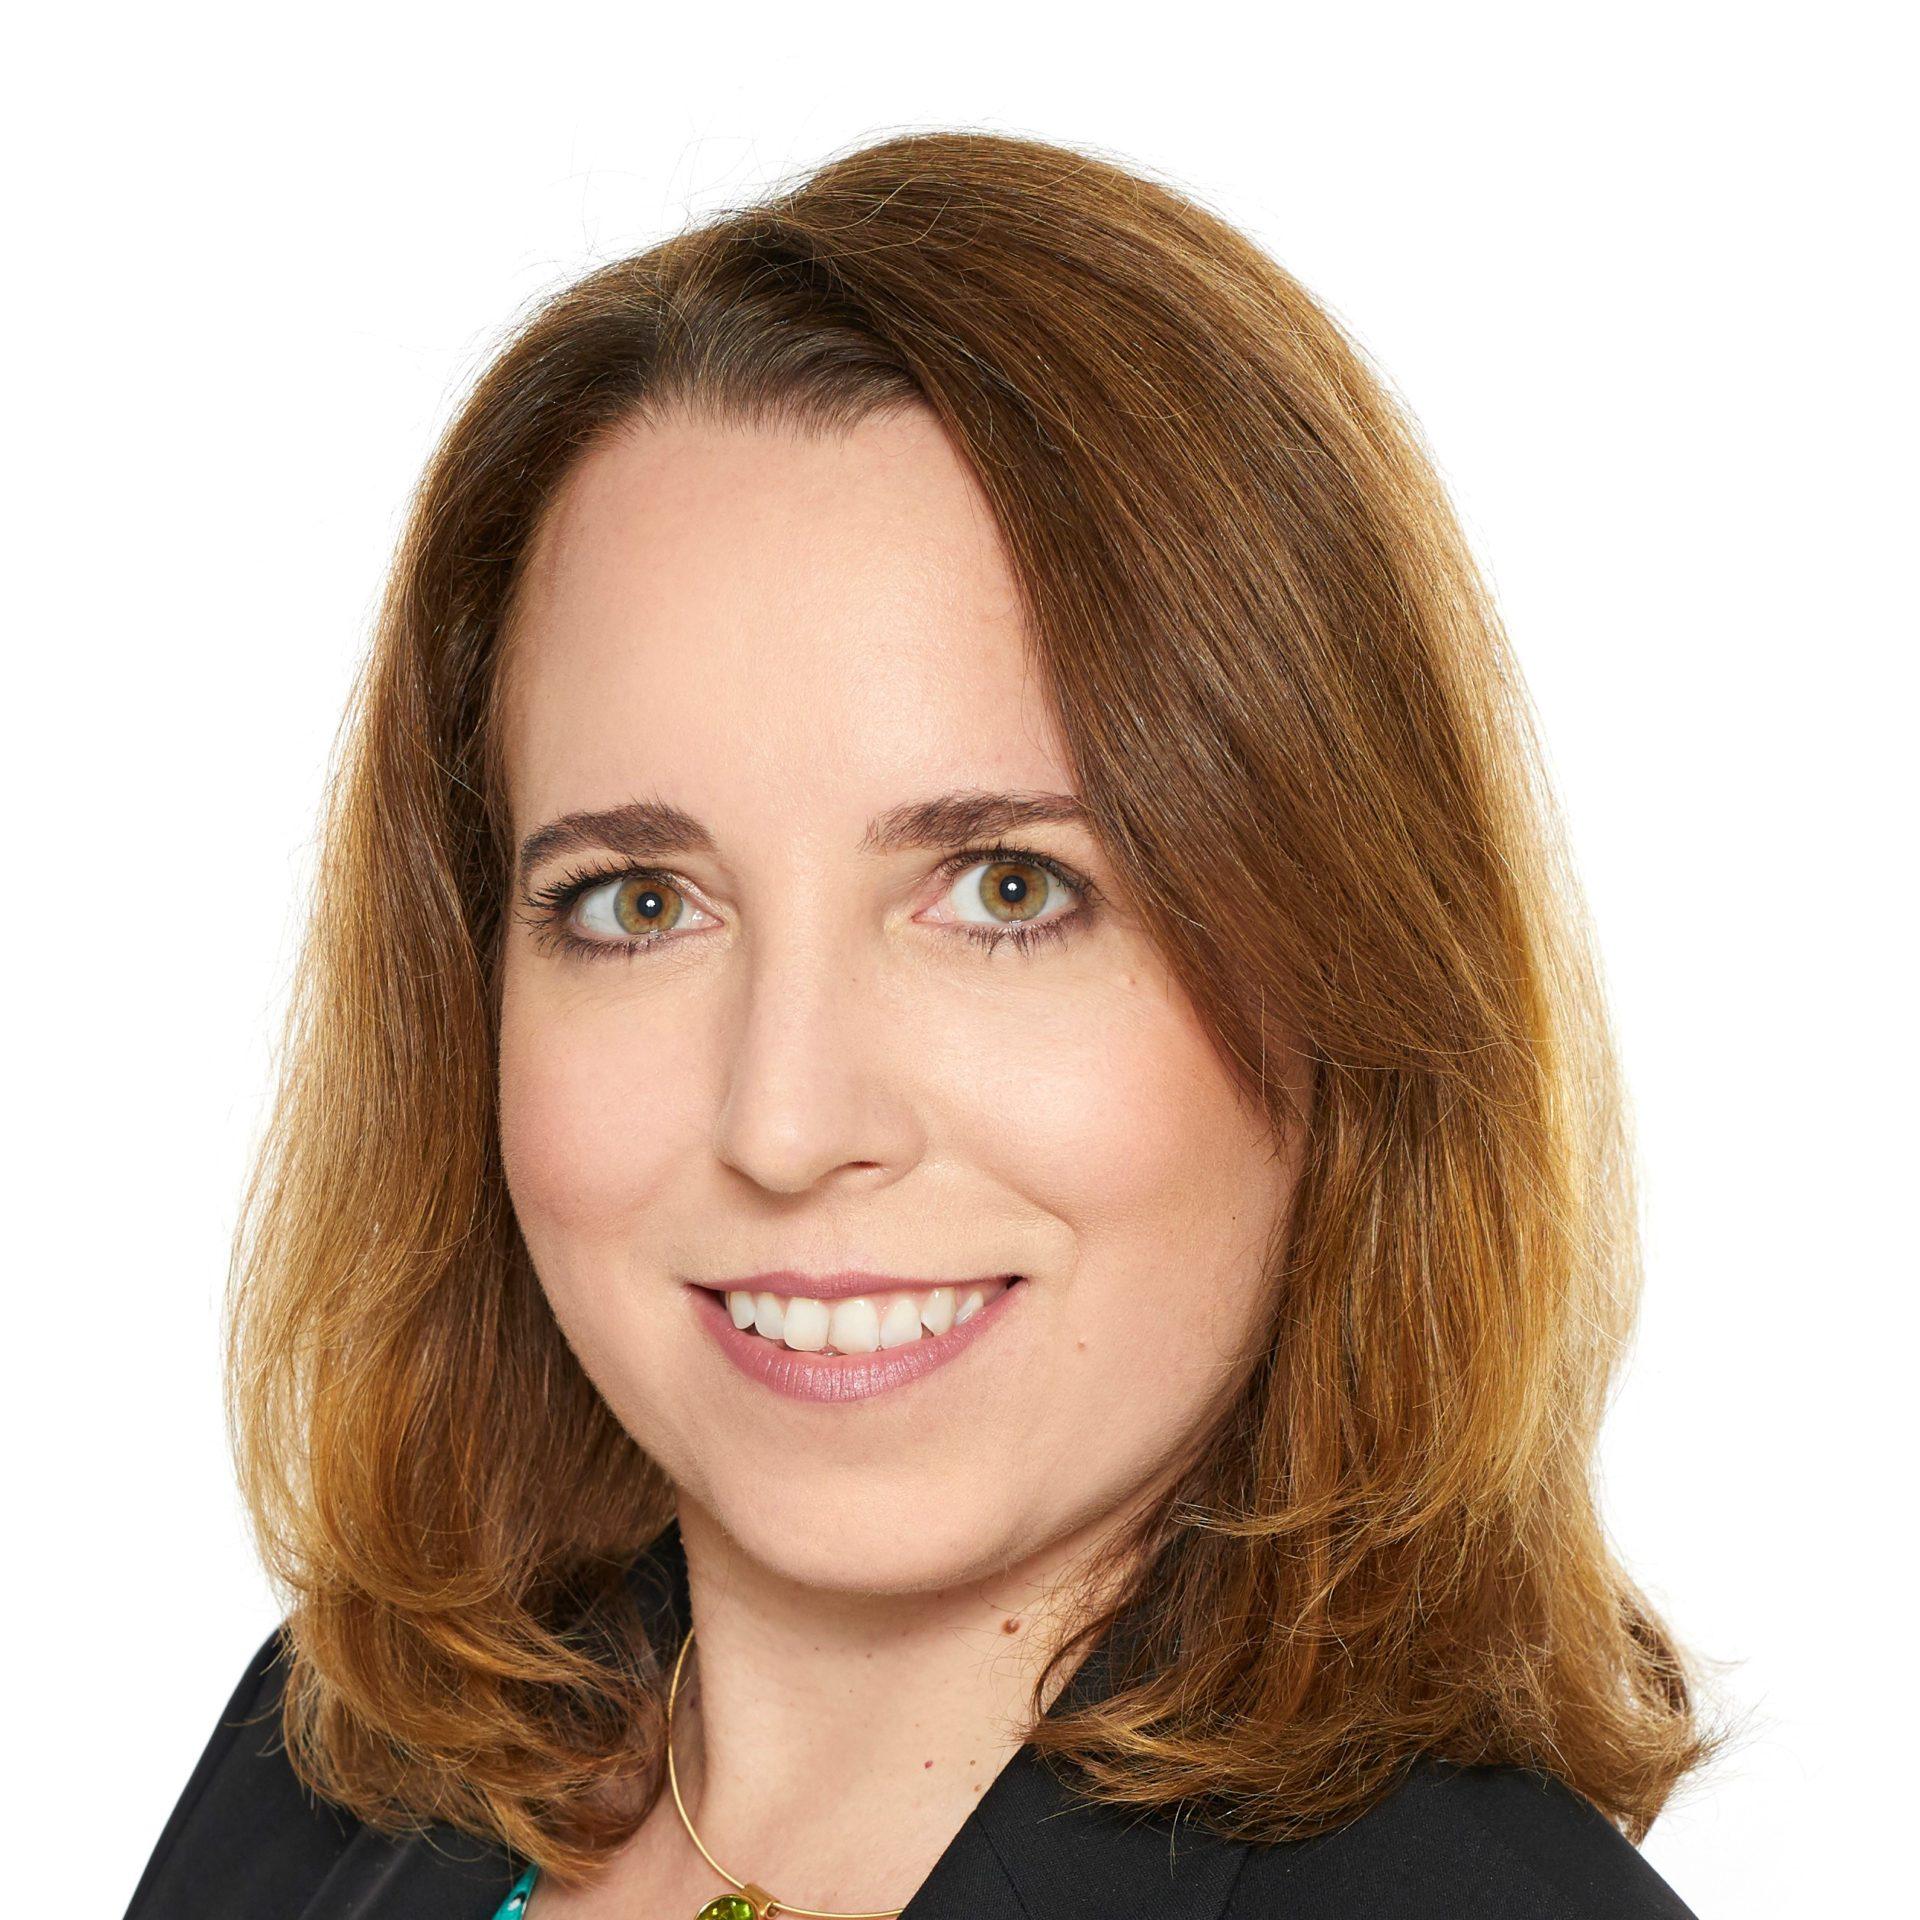 Daniela Heilinger